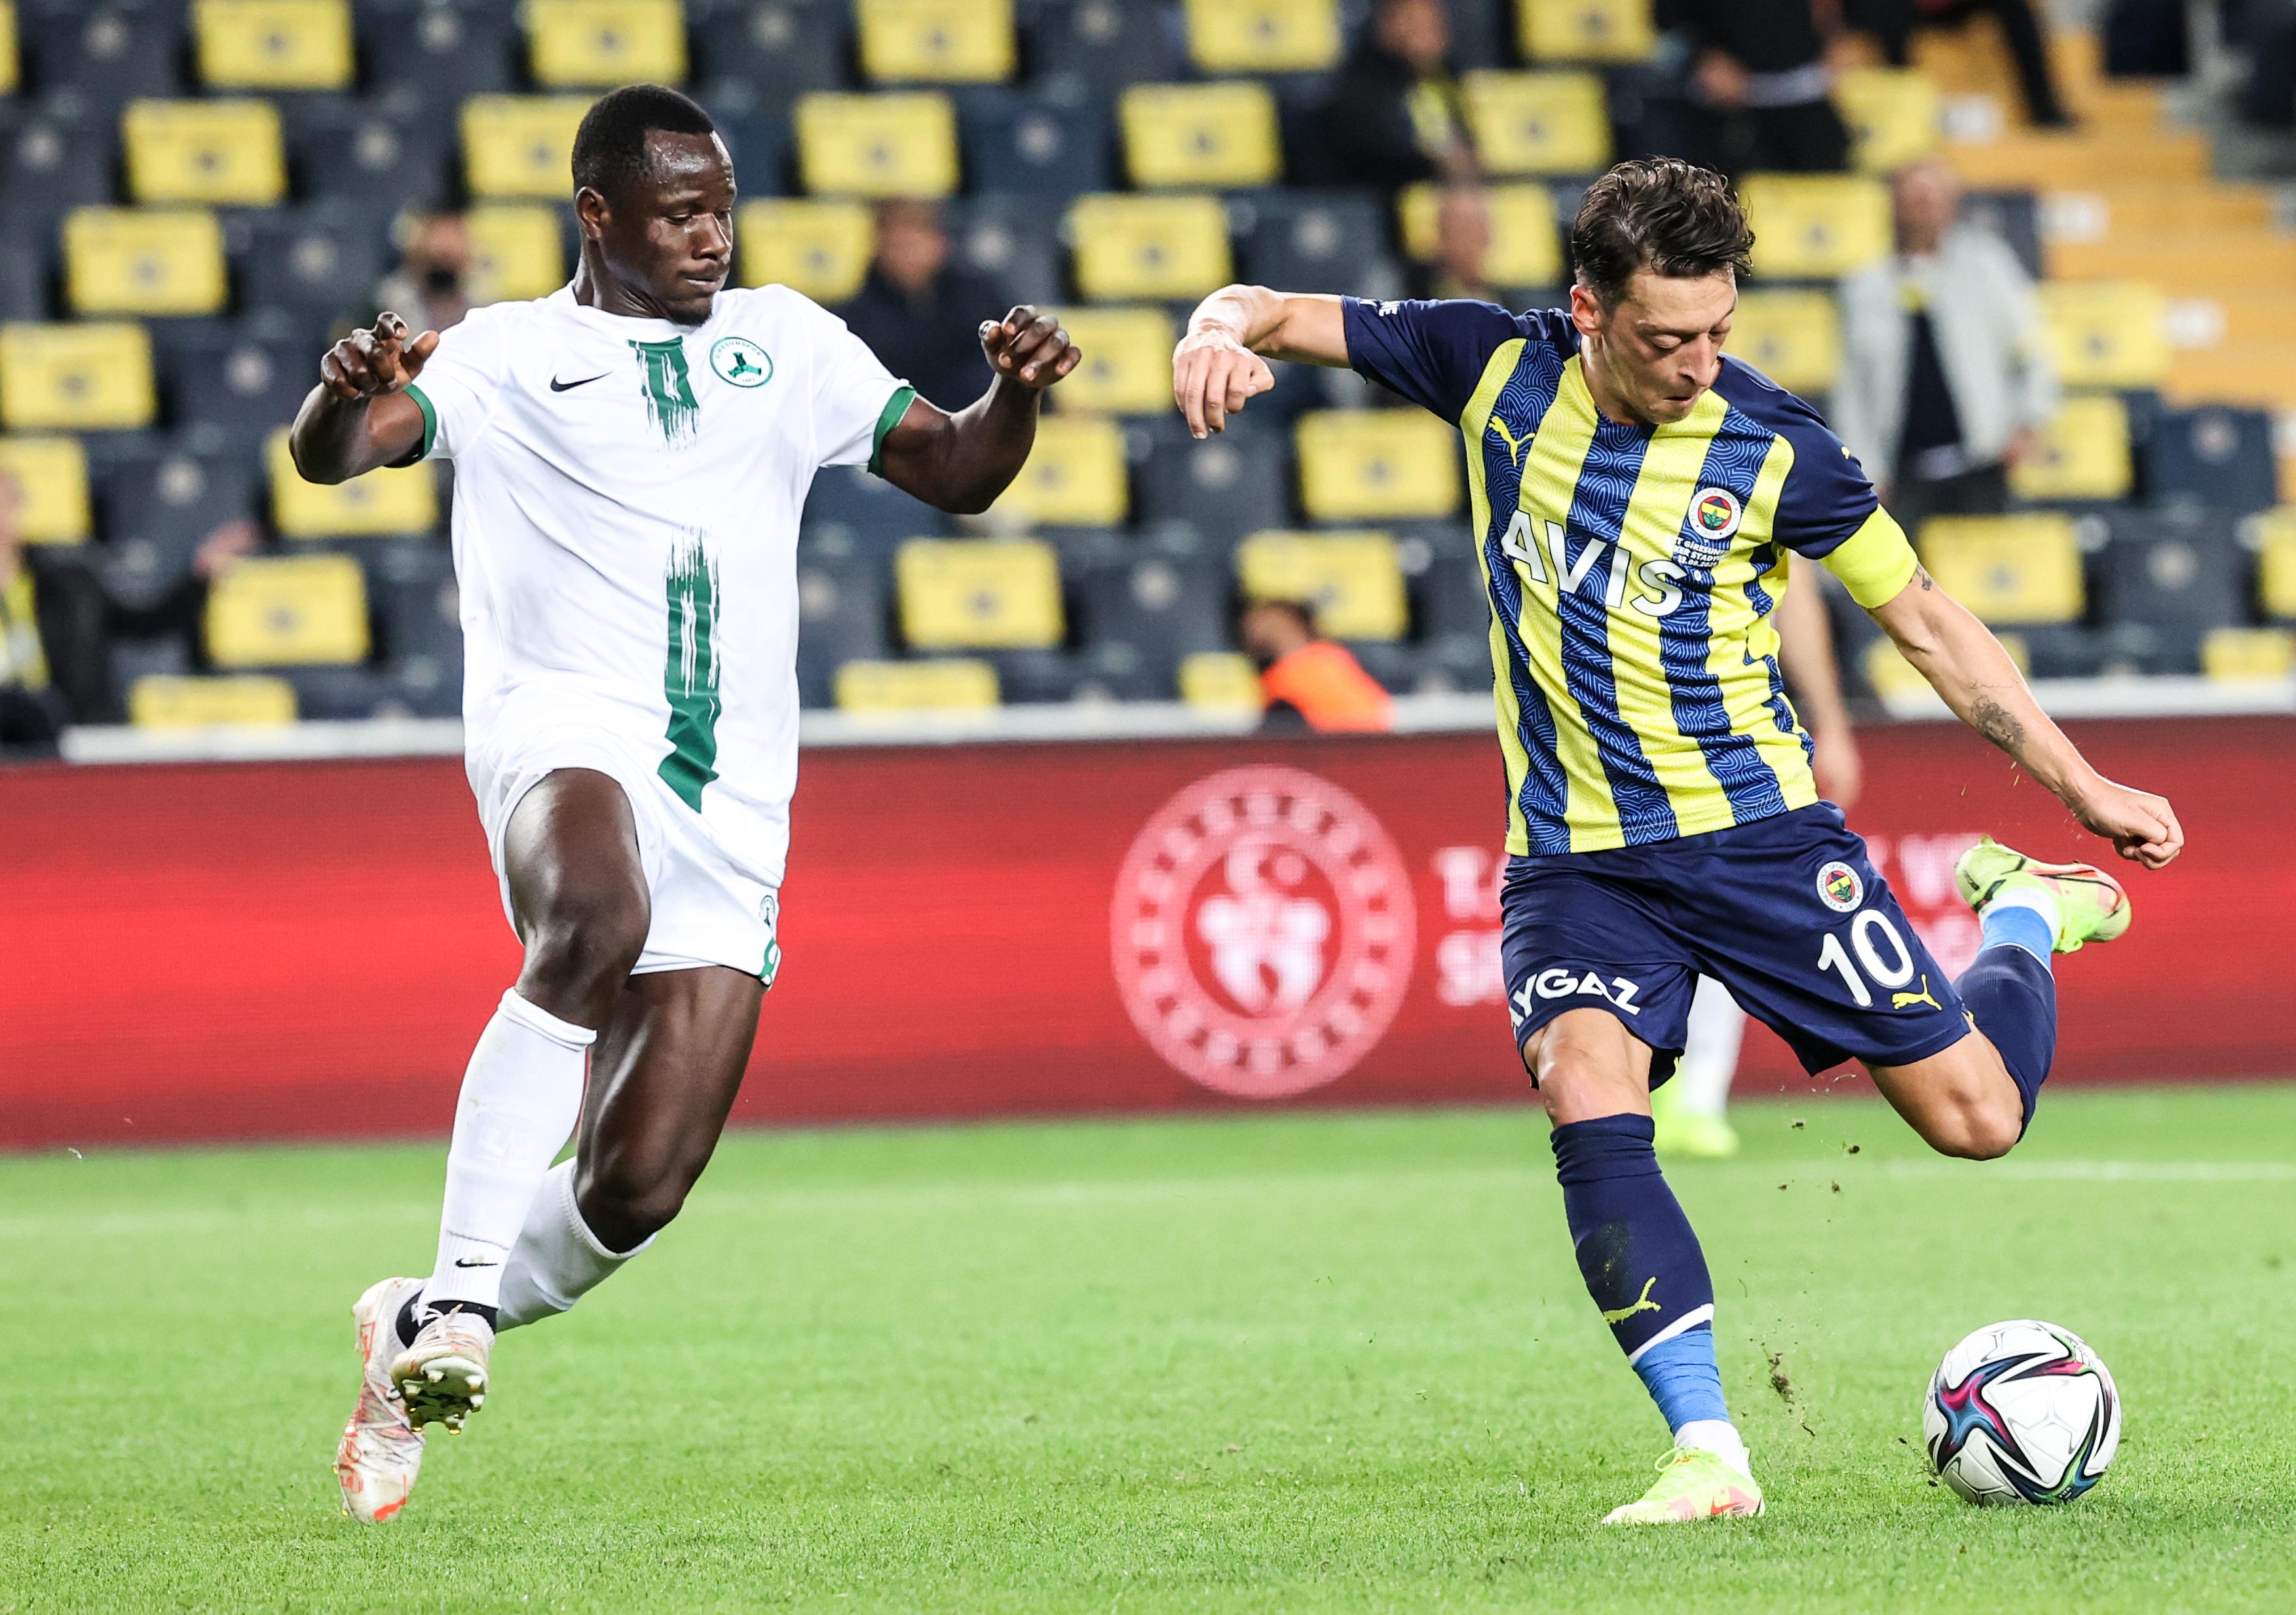 <p>Fenerbahçe Ülker Stadyumu'nda oynanan maçta sarı lacivertliler, 2-1 galip gelerek haftanın kazananı oldu.</p>